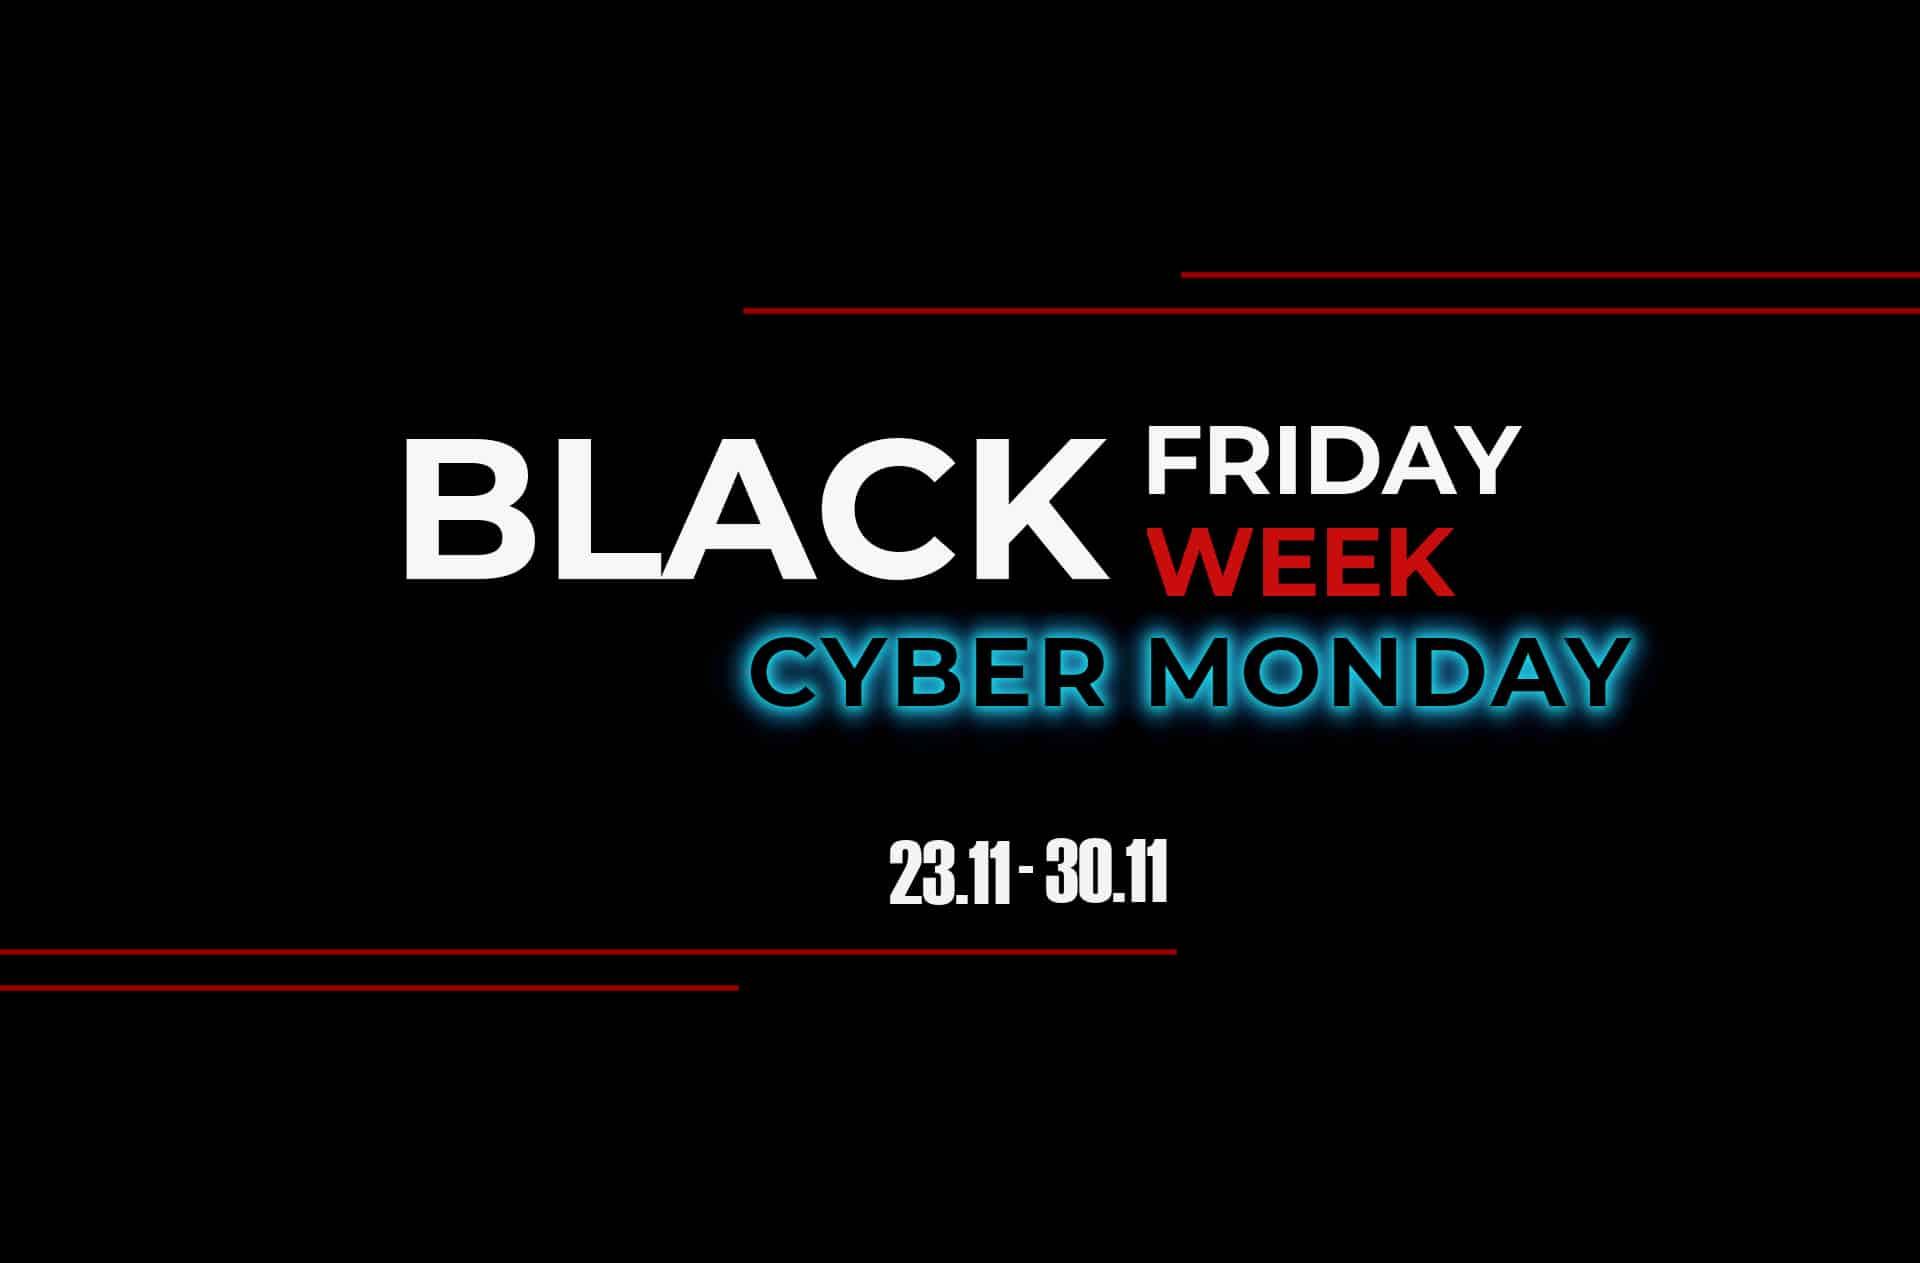 Mega promocje na Black Friday w C4i